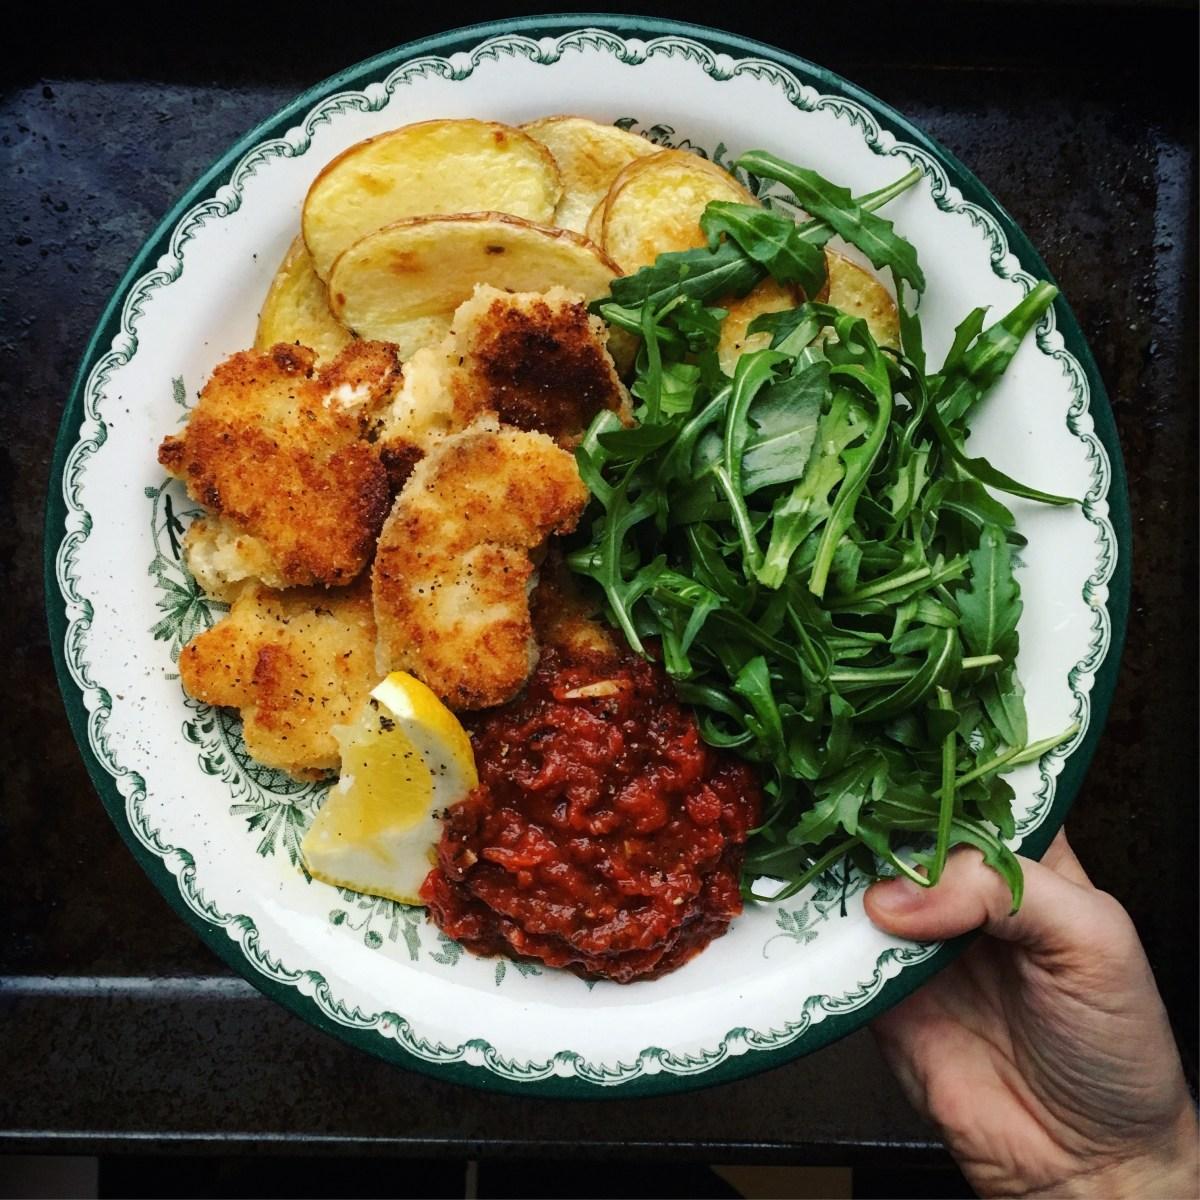 gruyèrepanerade blomkålsnuggets a la milanese med kryddig tomatsås, citrondressad ruccolasallad och rostad potatis